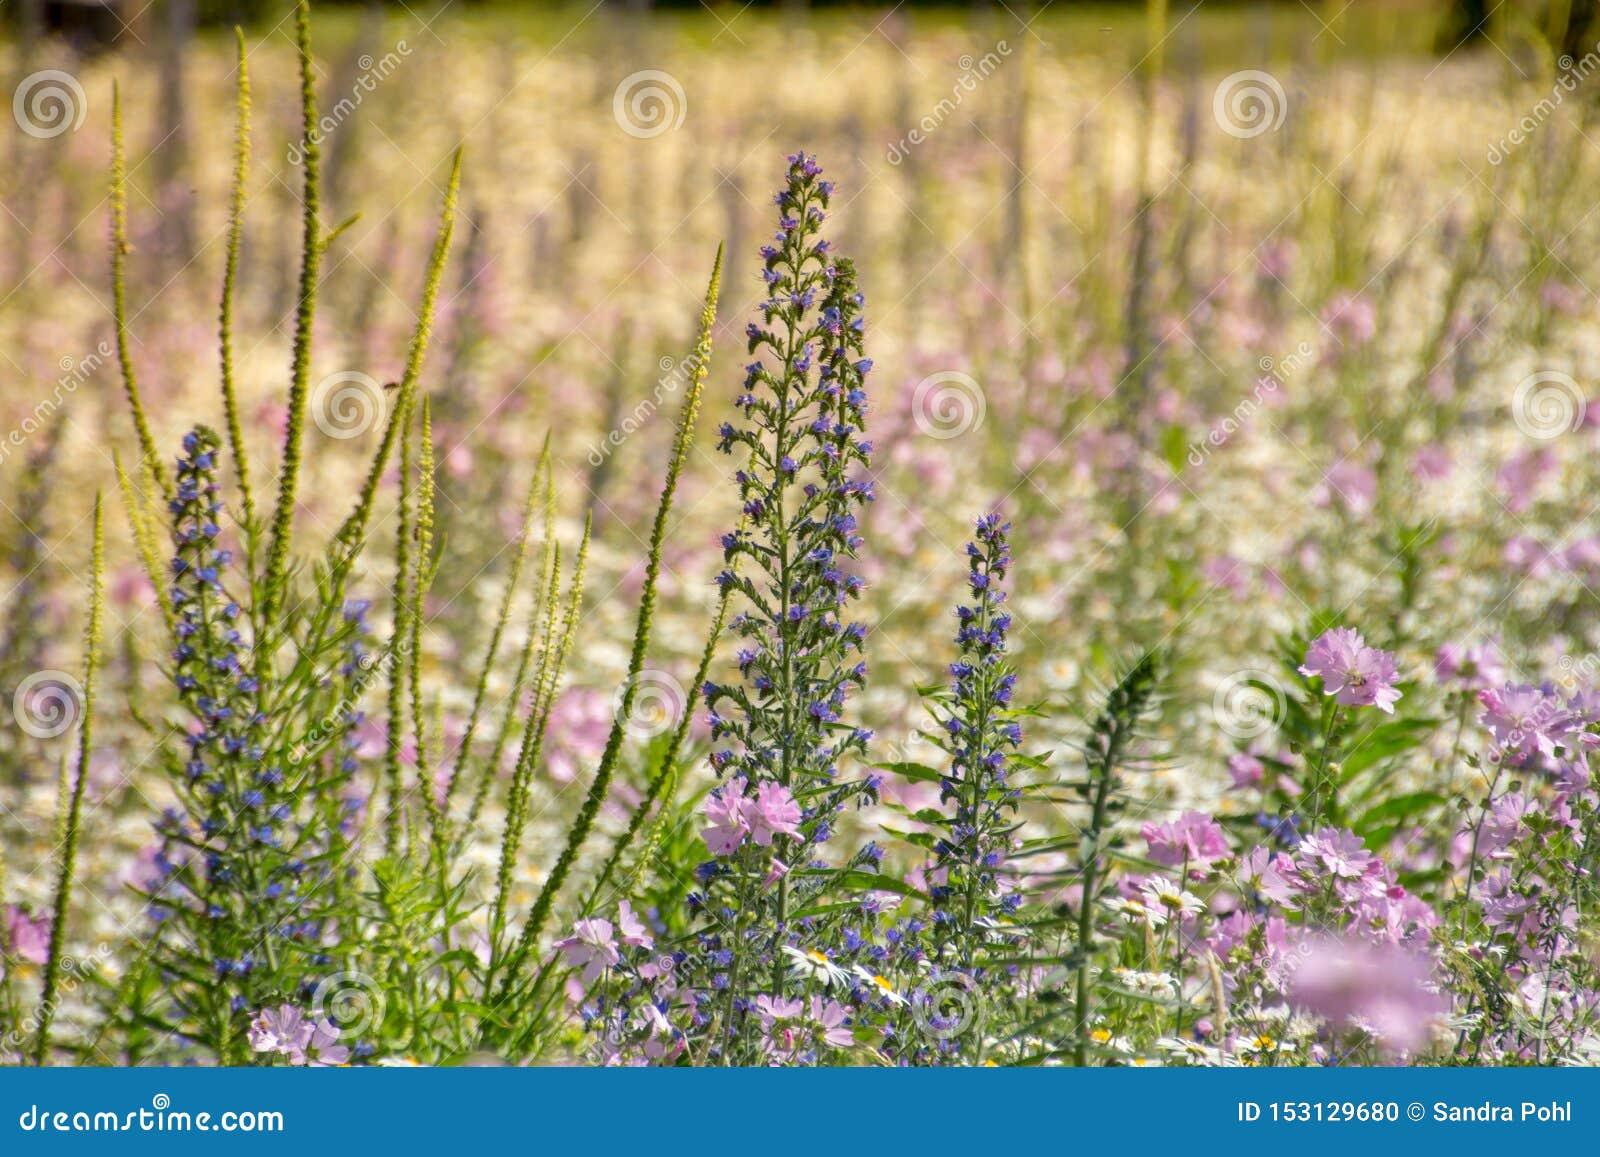 Violette violette naturelle de pré de fleurs